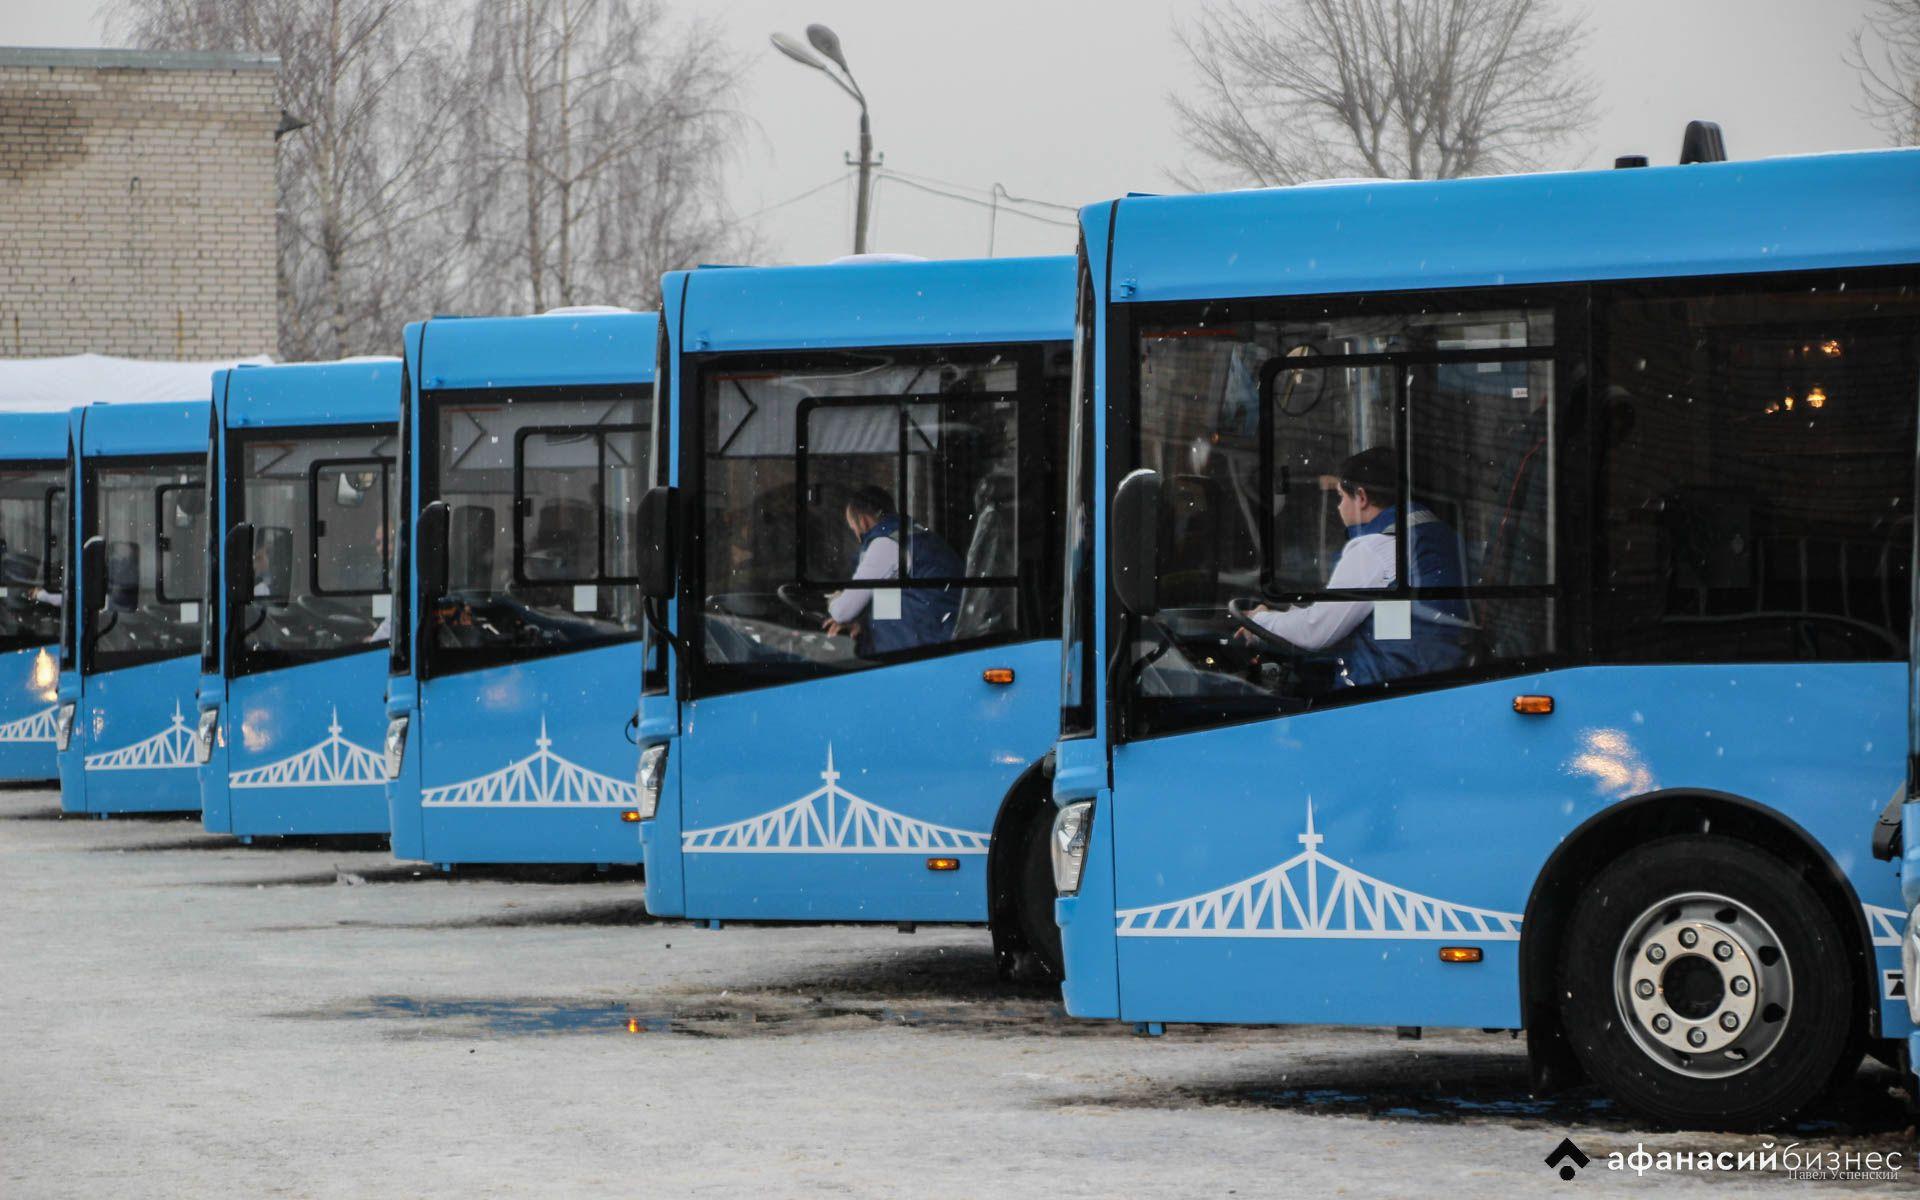 В центре Твери временно изменится схема движения автобусных маршрутов - новости Афанасий